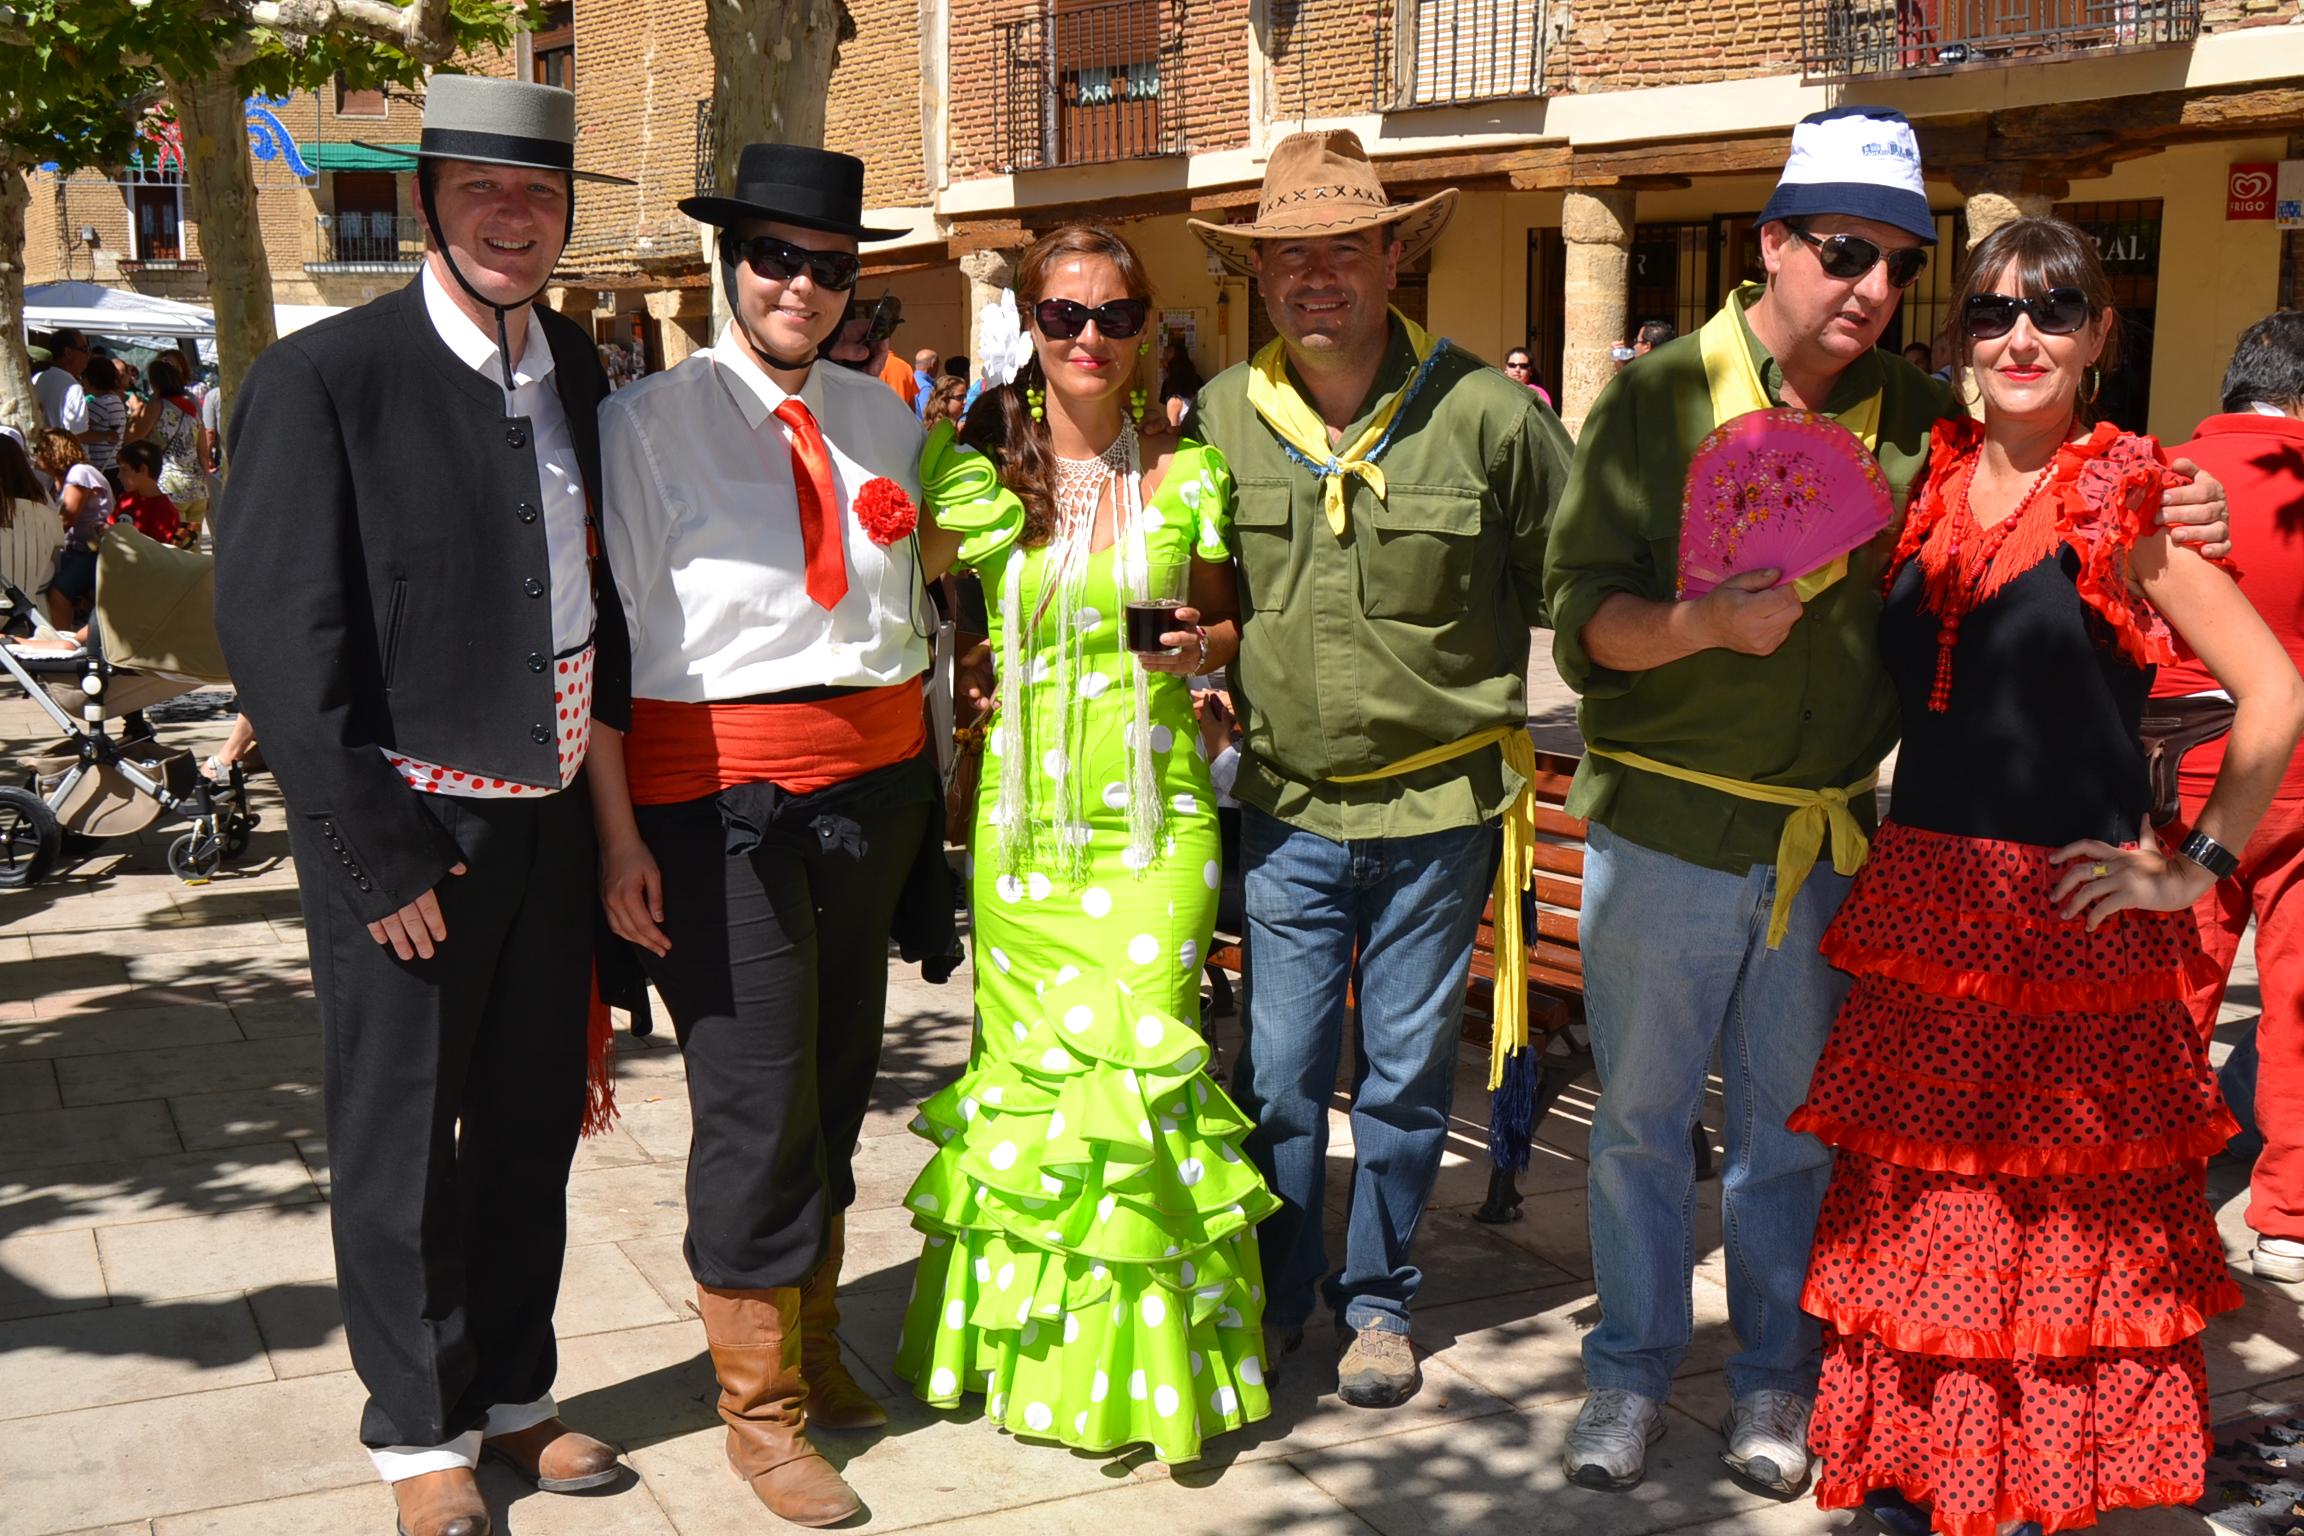 Fiestas de la Santa Cruz 2012